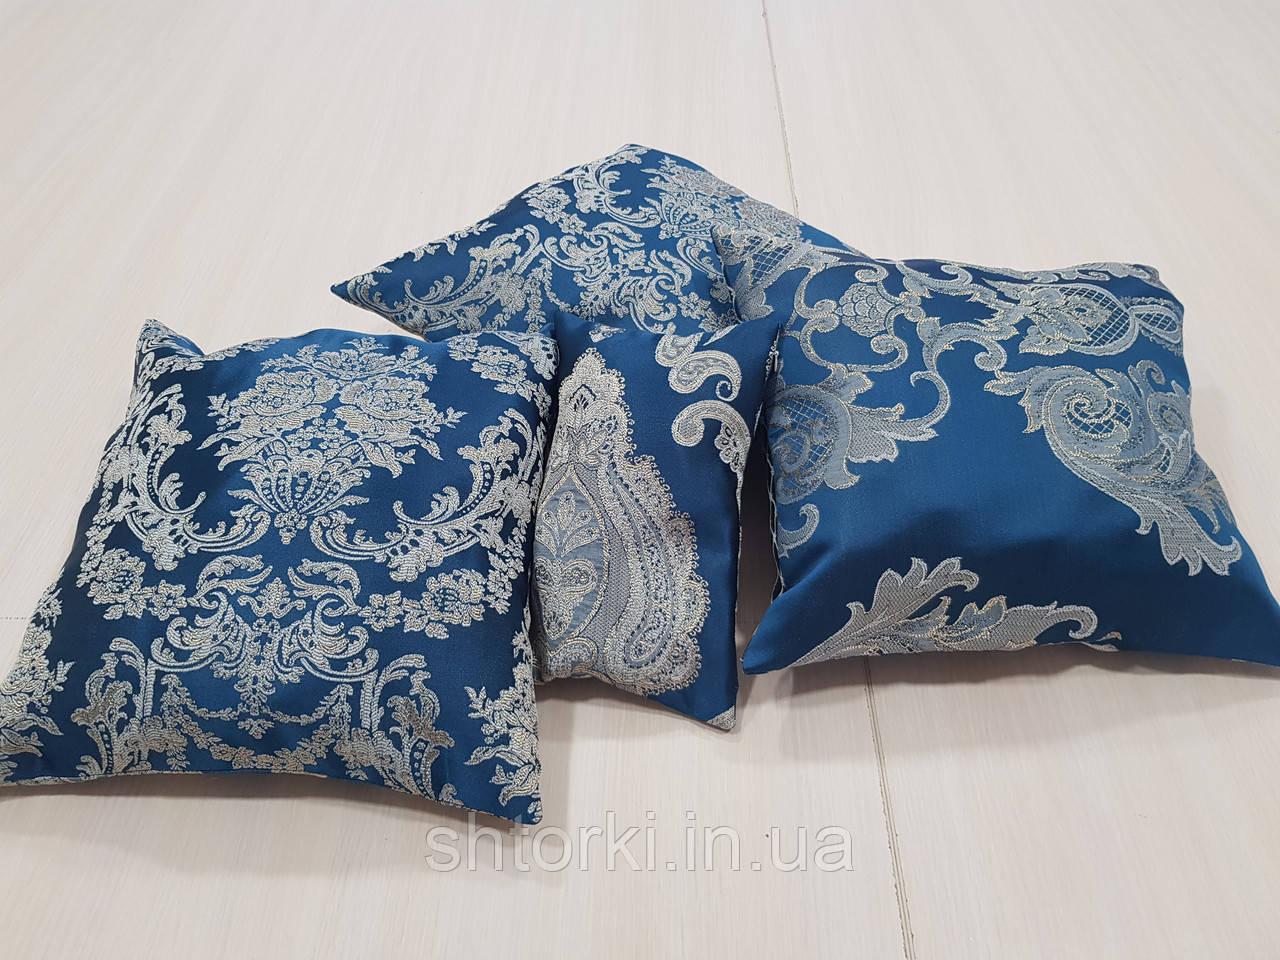 Комплект подушок Класика сині, 4шт